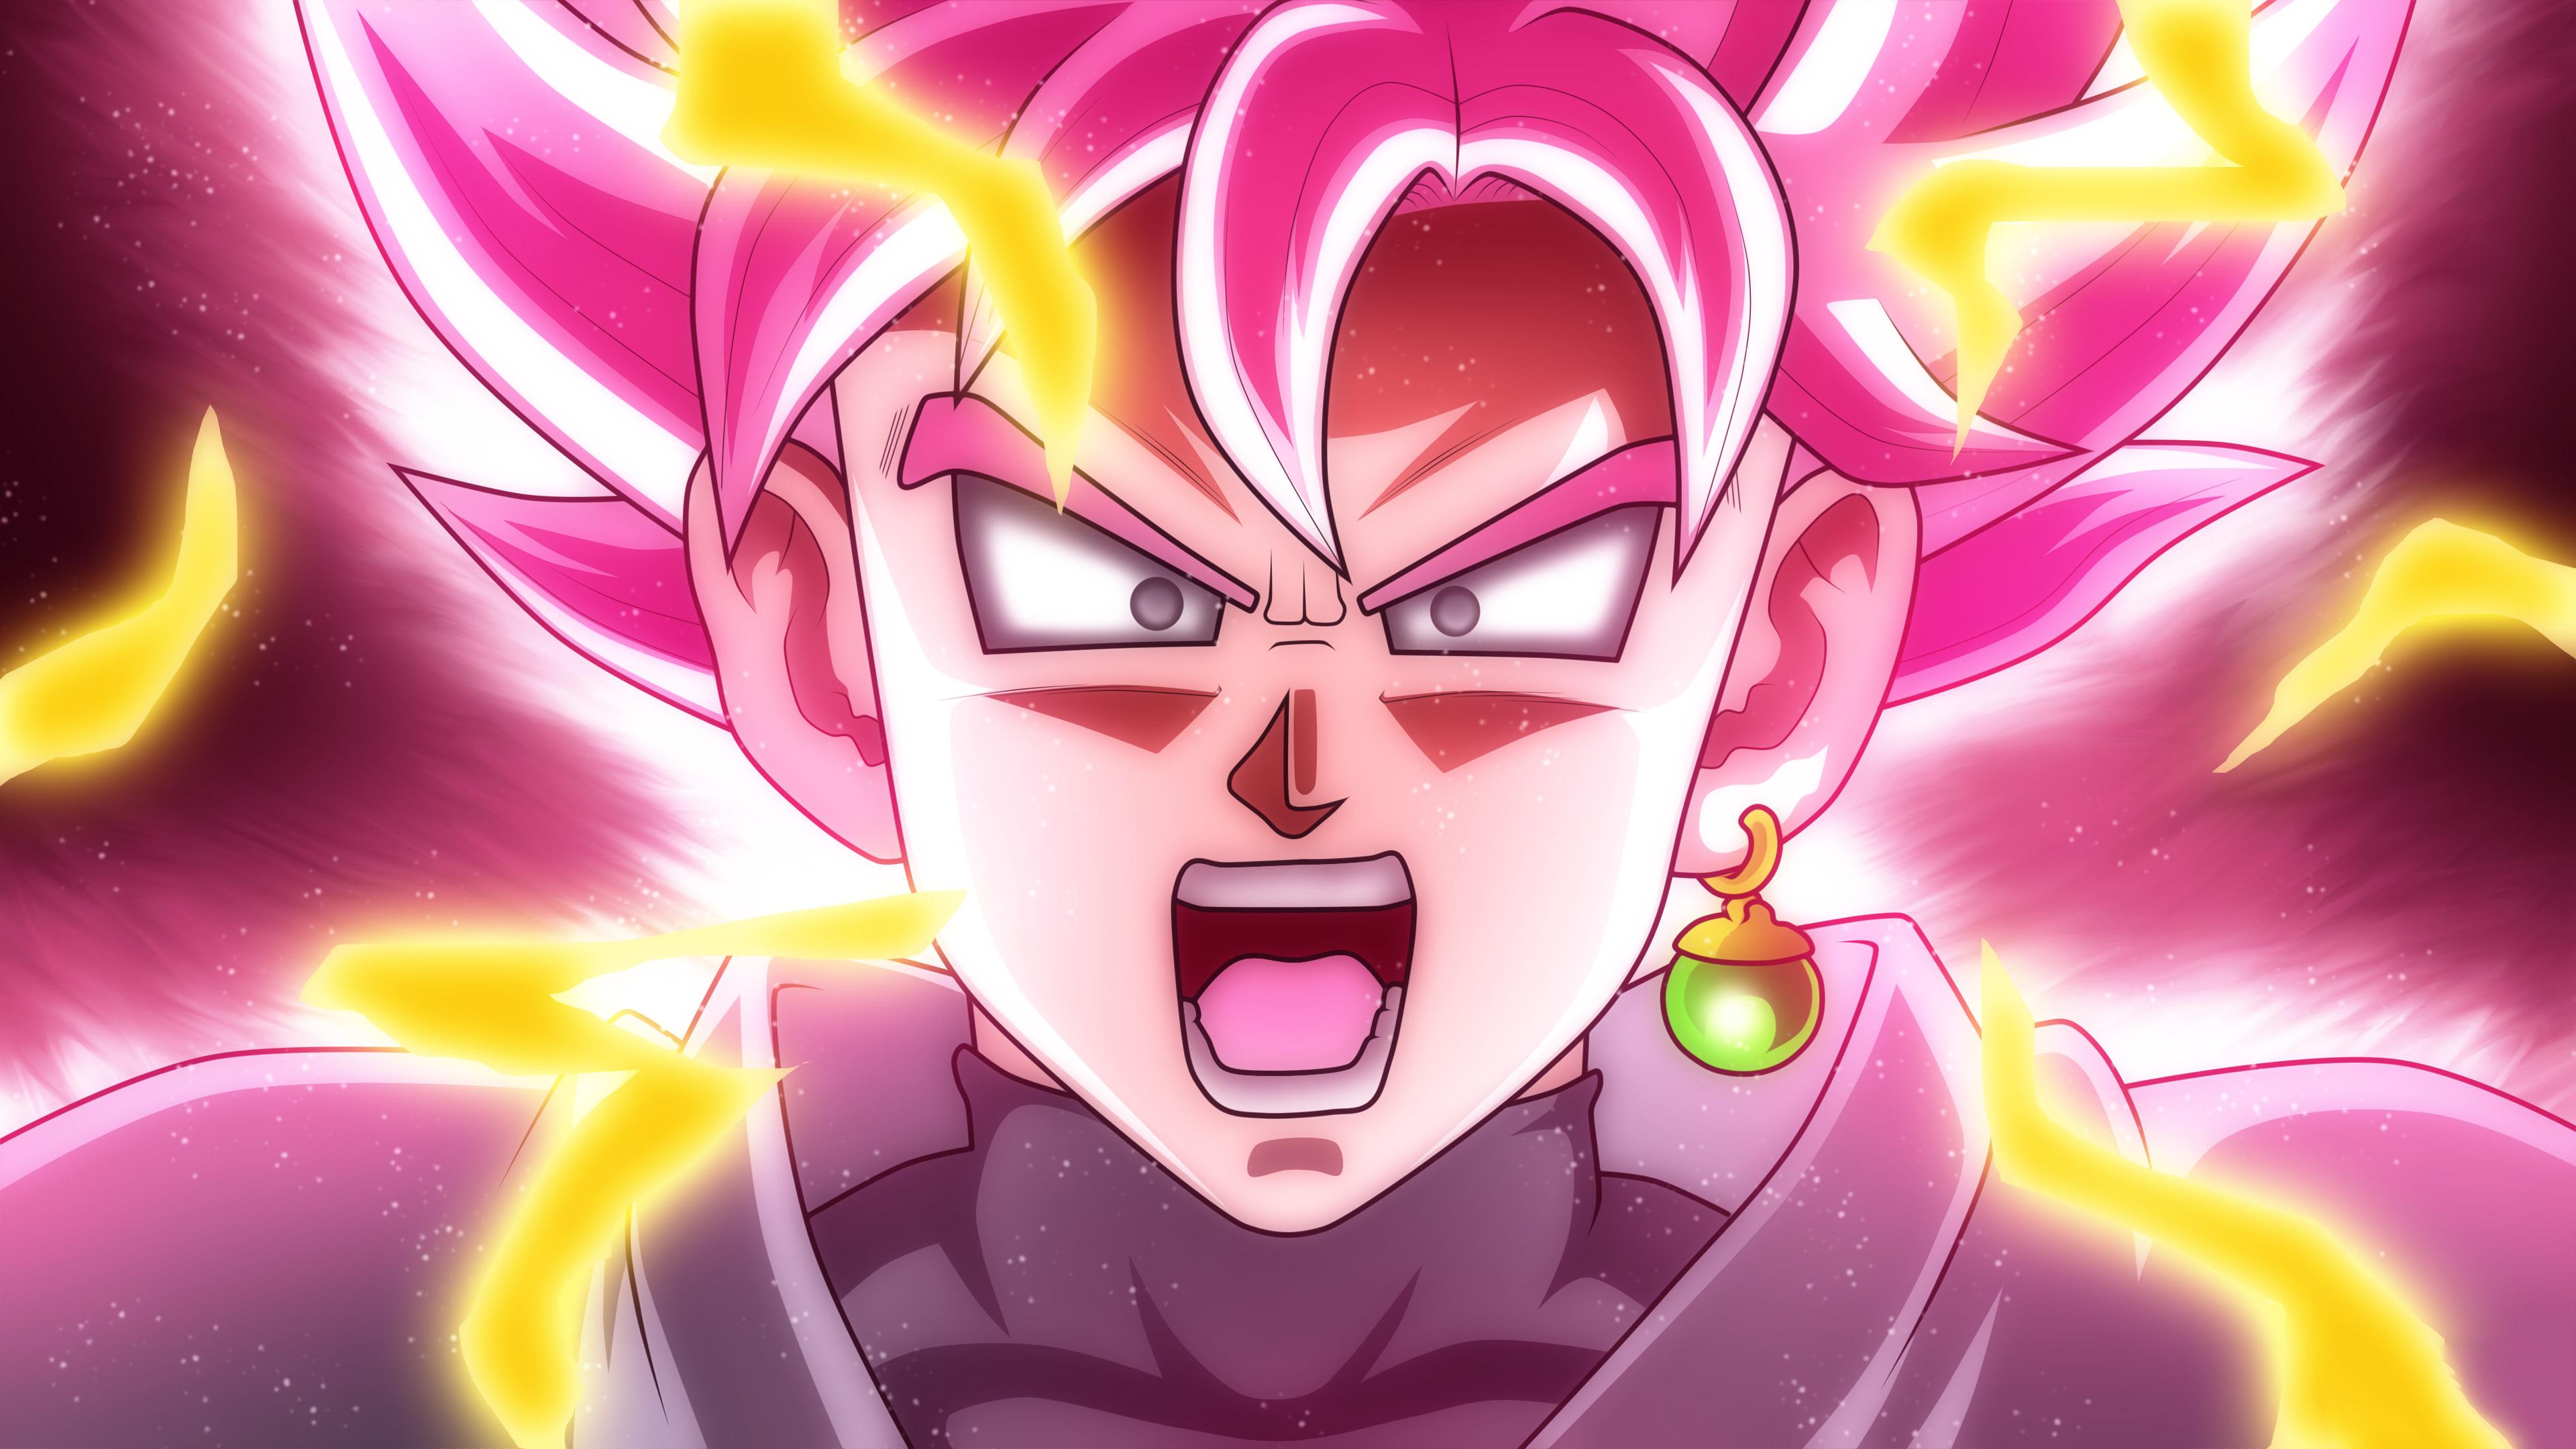 Goku hd anime 4k wallpapers images backgrounds photos - Goku wallpaper 4k ...